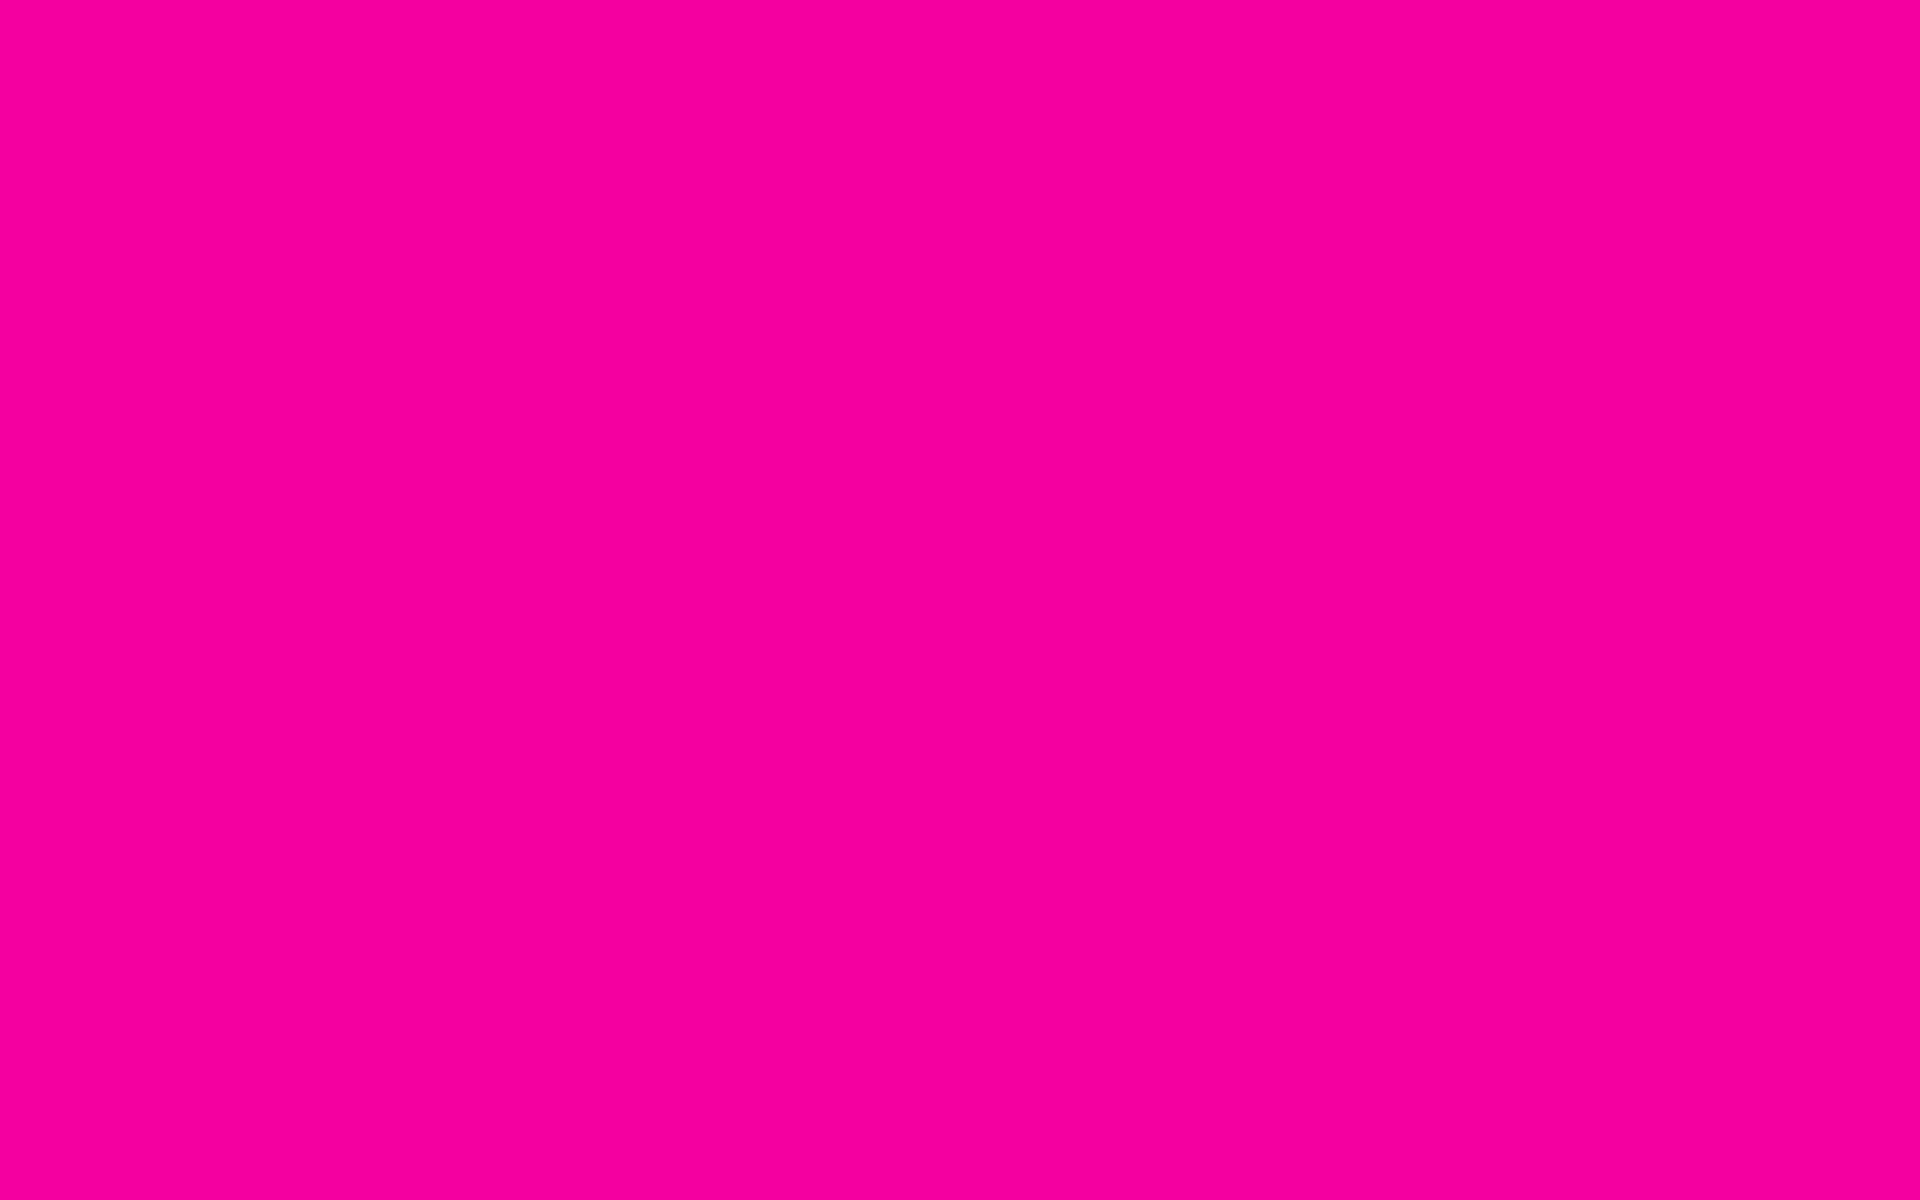 Cerise Color 28 Images Cerise Color 28 Images Cerise Pink Color Html Css Rgb Cerise Color